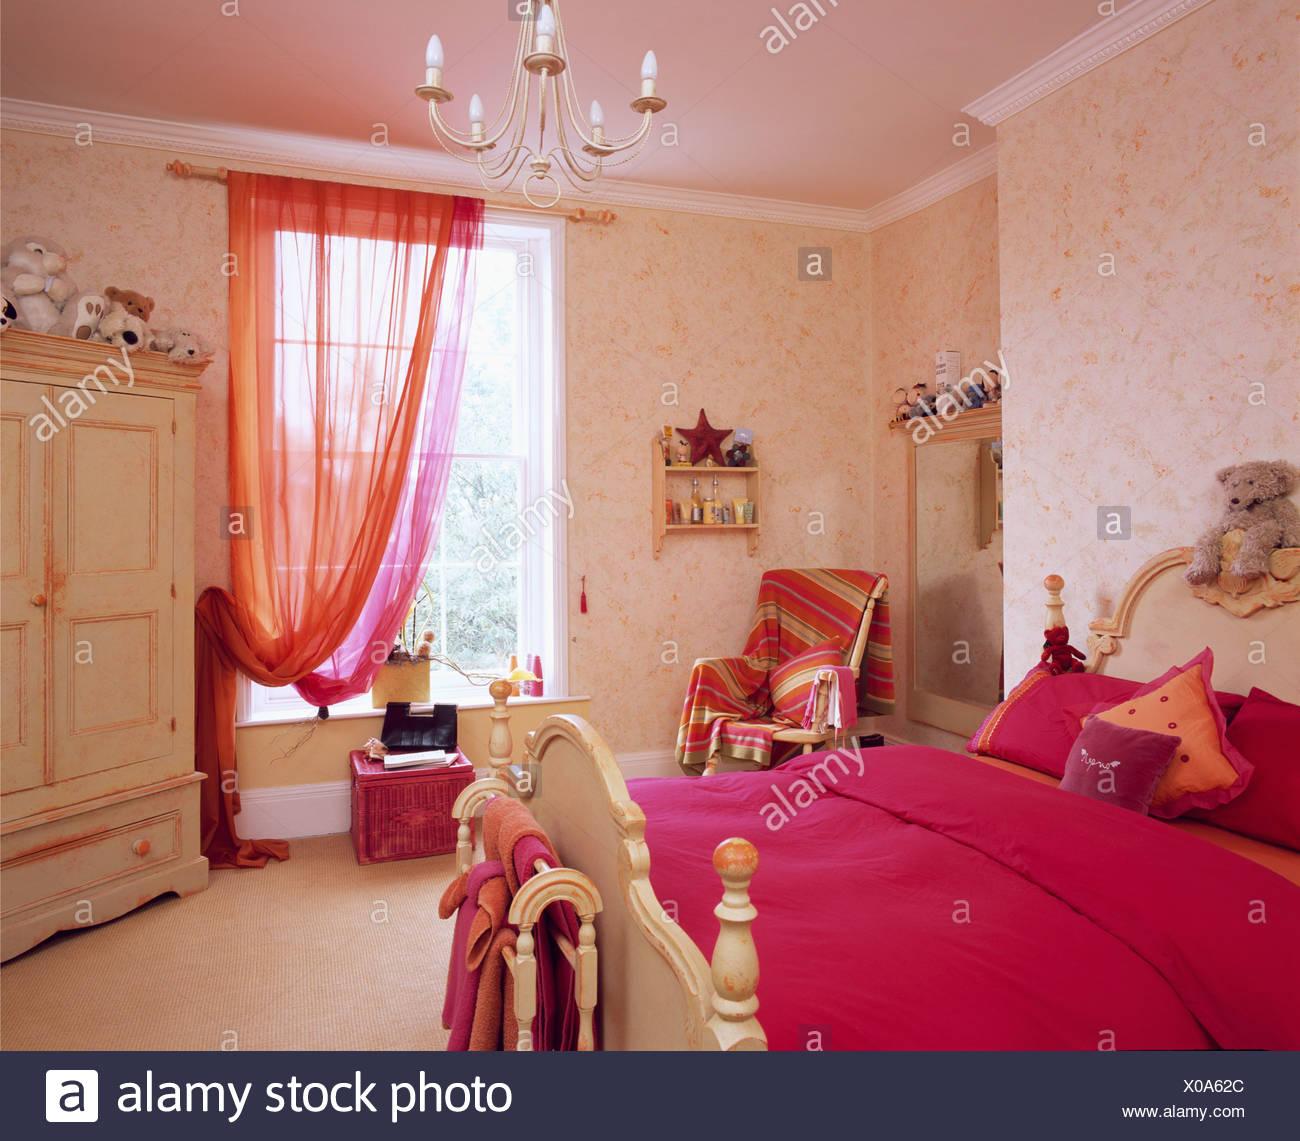 Rideau Pour Chambre Ado couvre-lit rose vif sur le lit dans une chambre d'adolescent